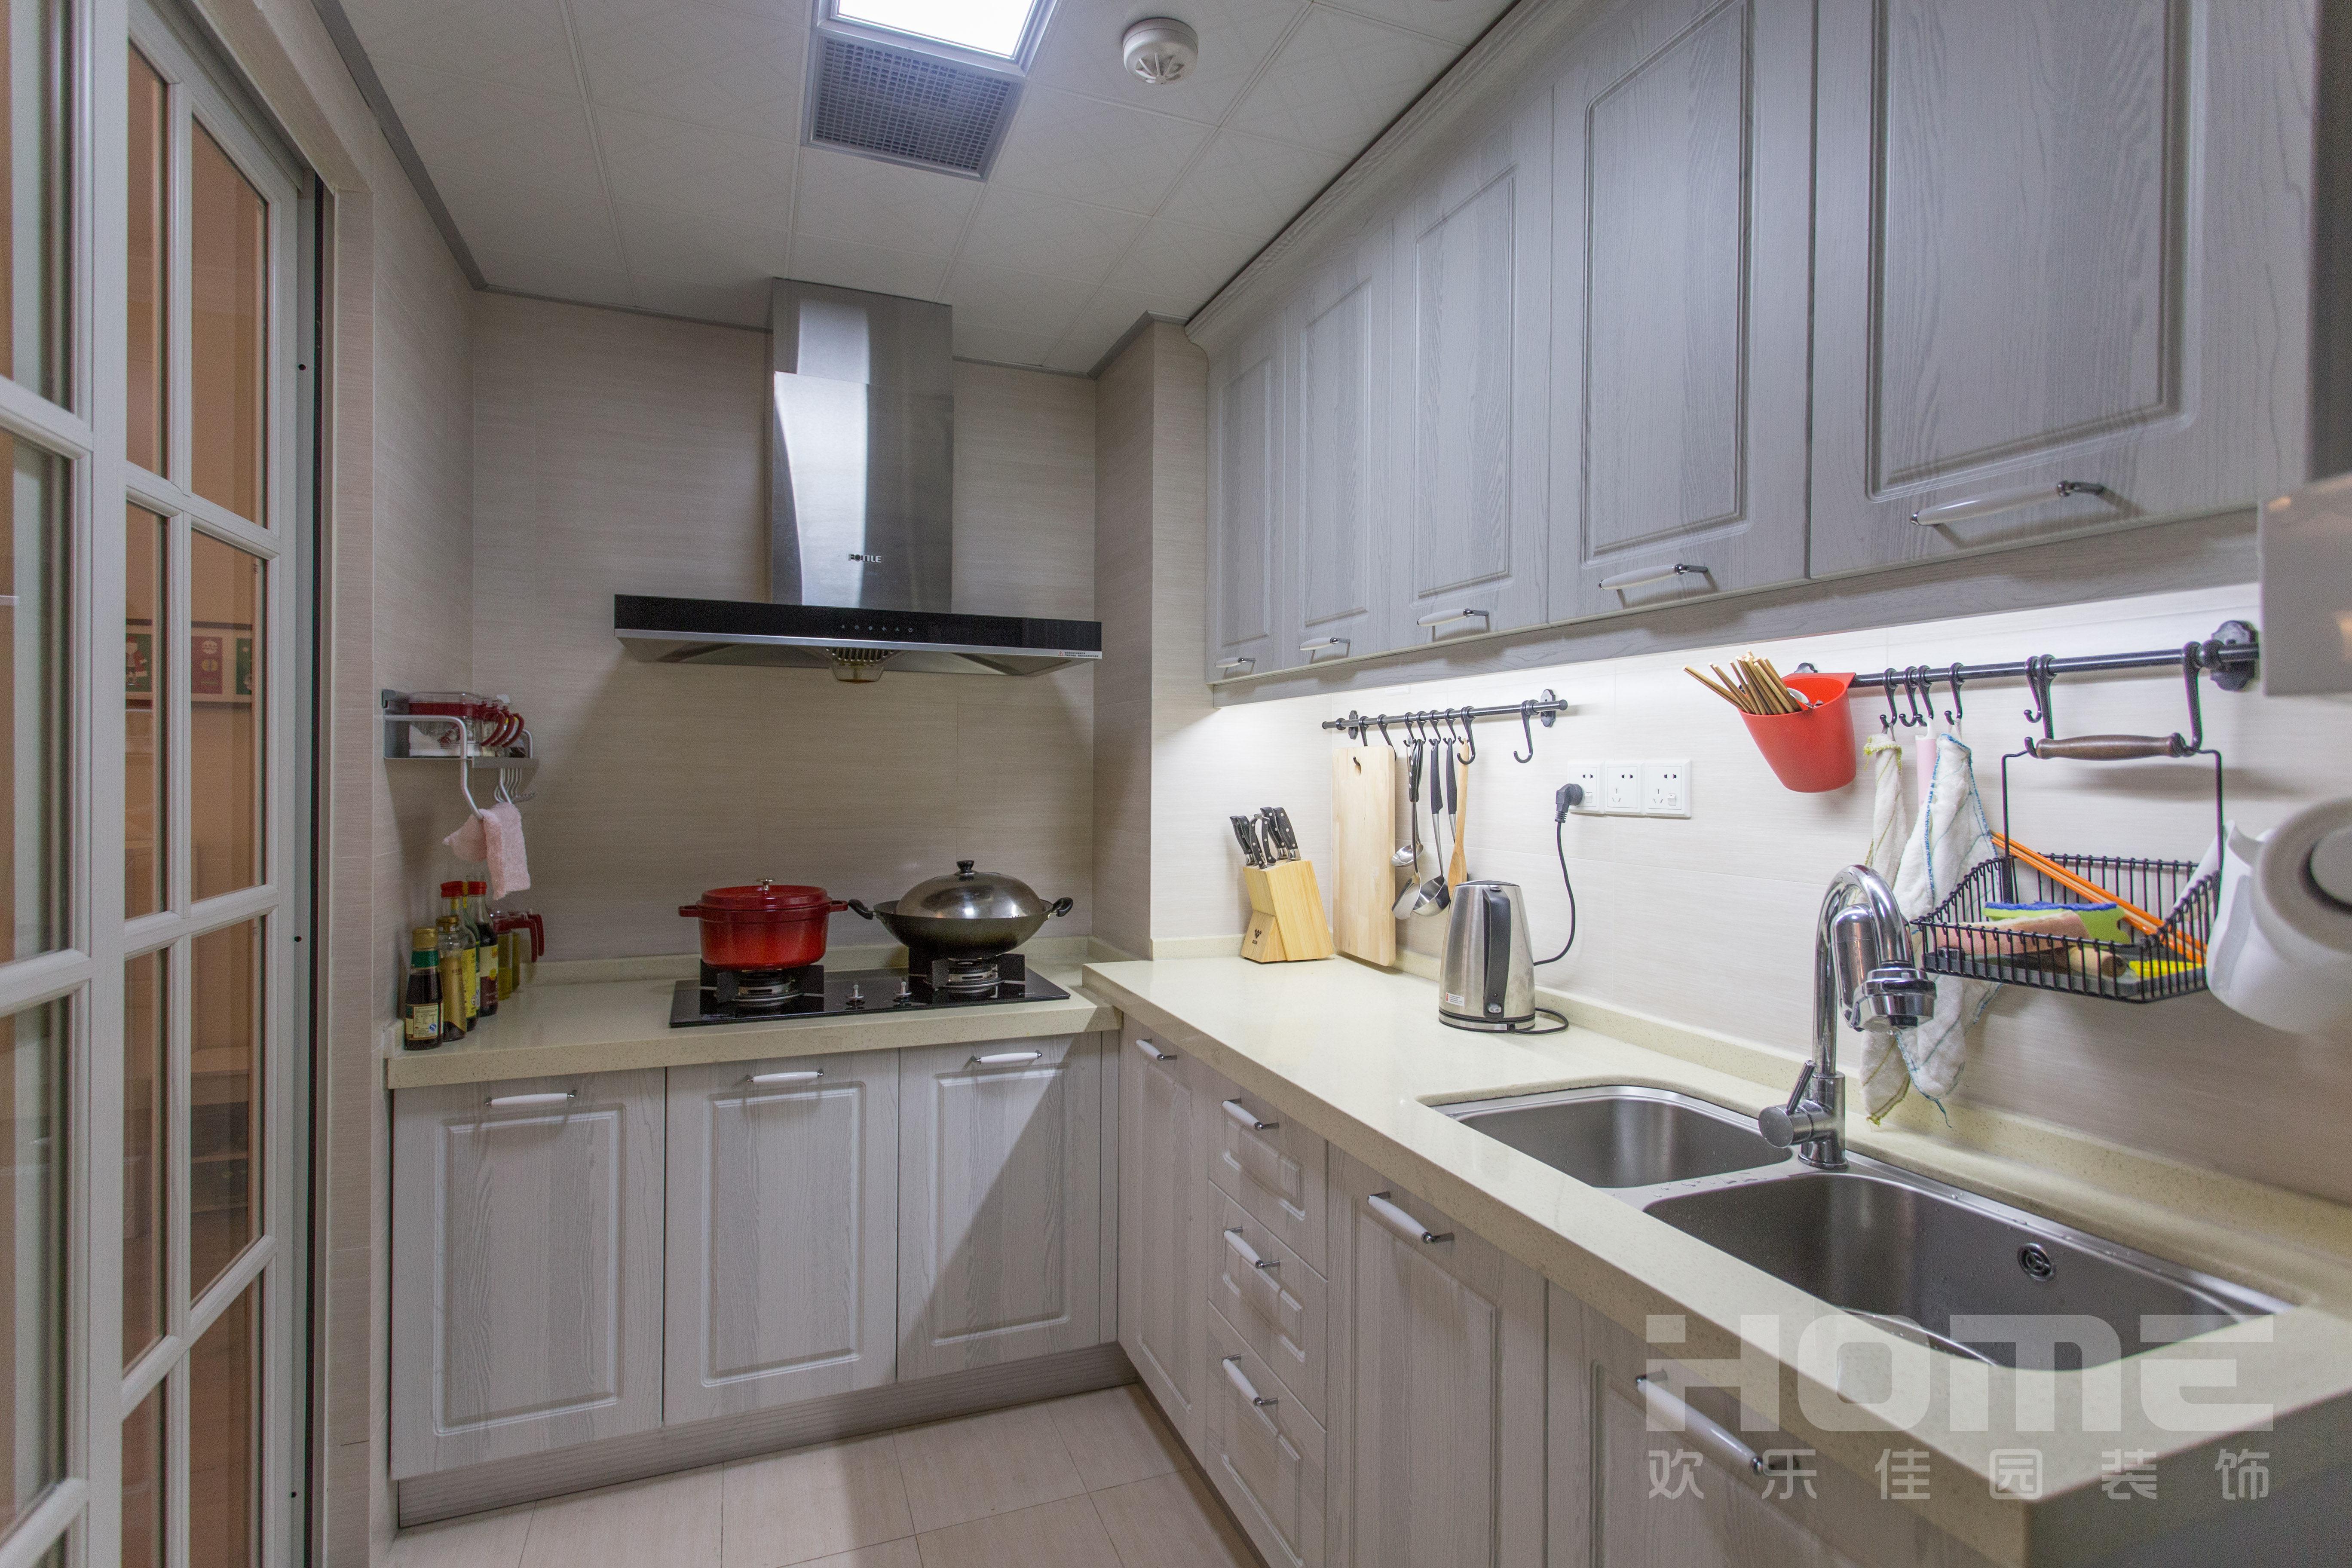 厨房图片来自用户2400615191在默认专辑的分享